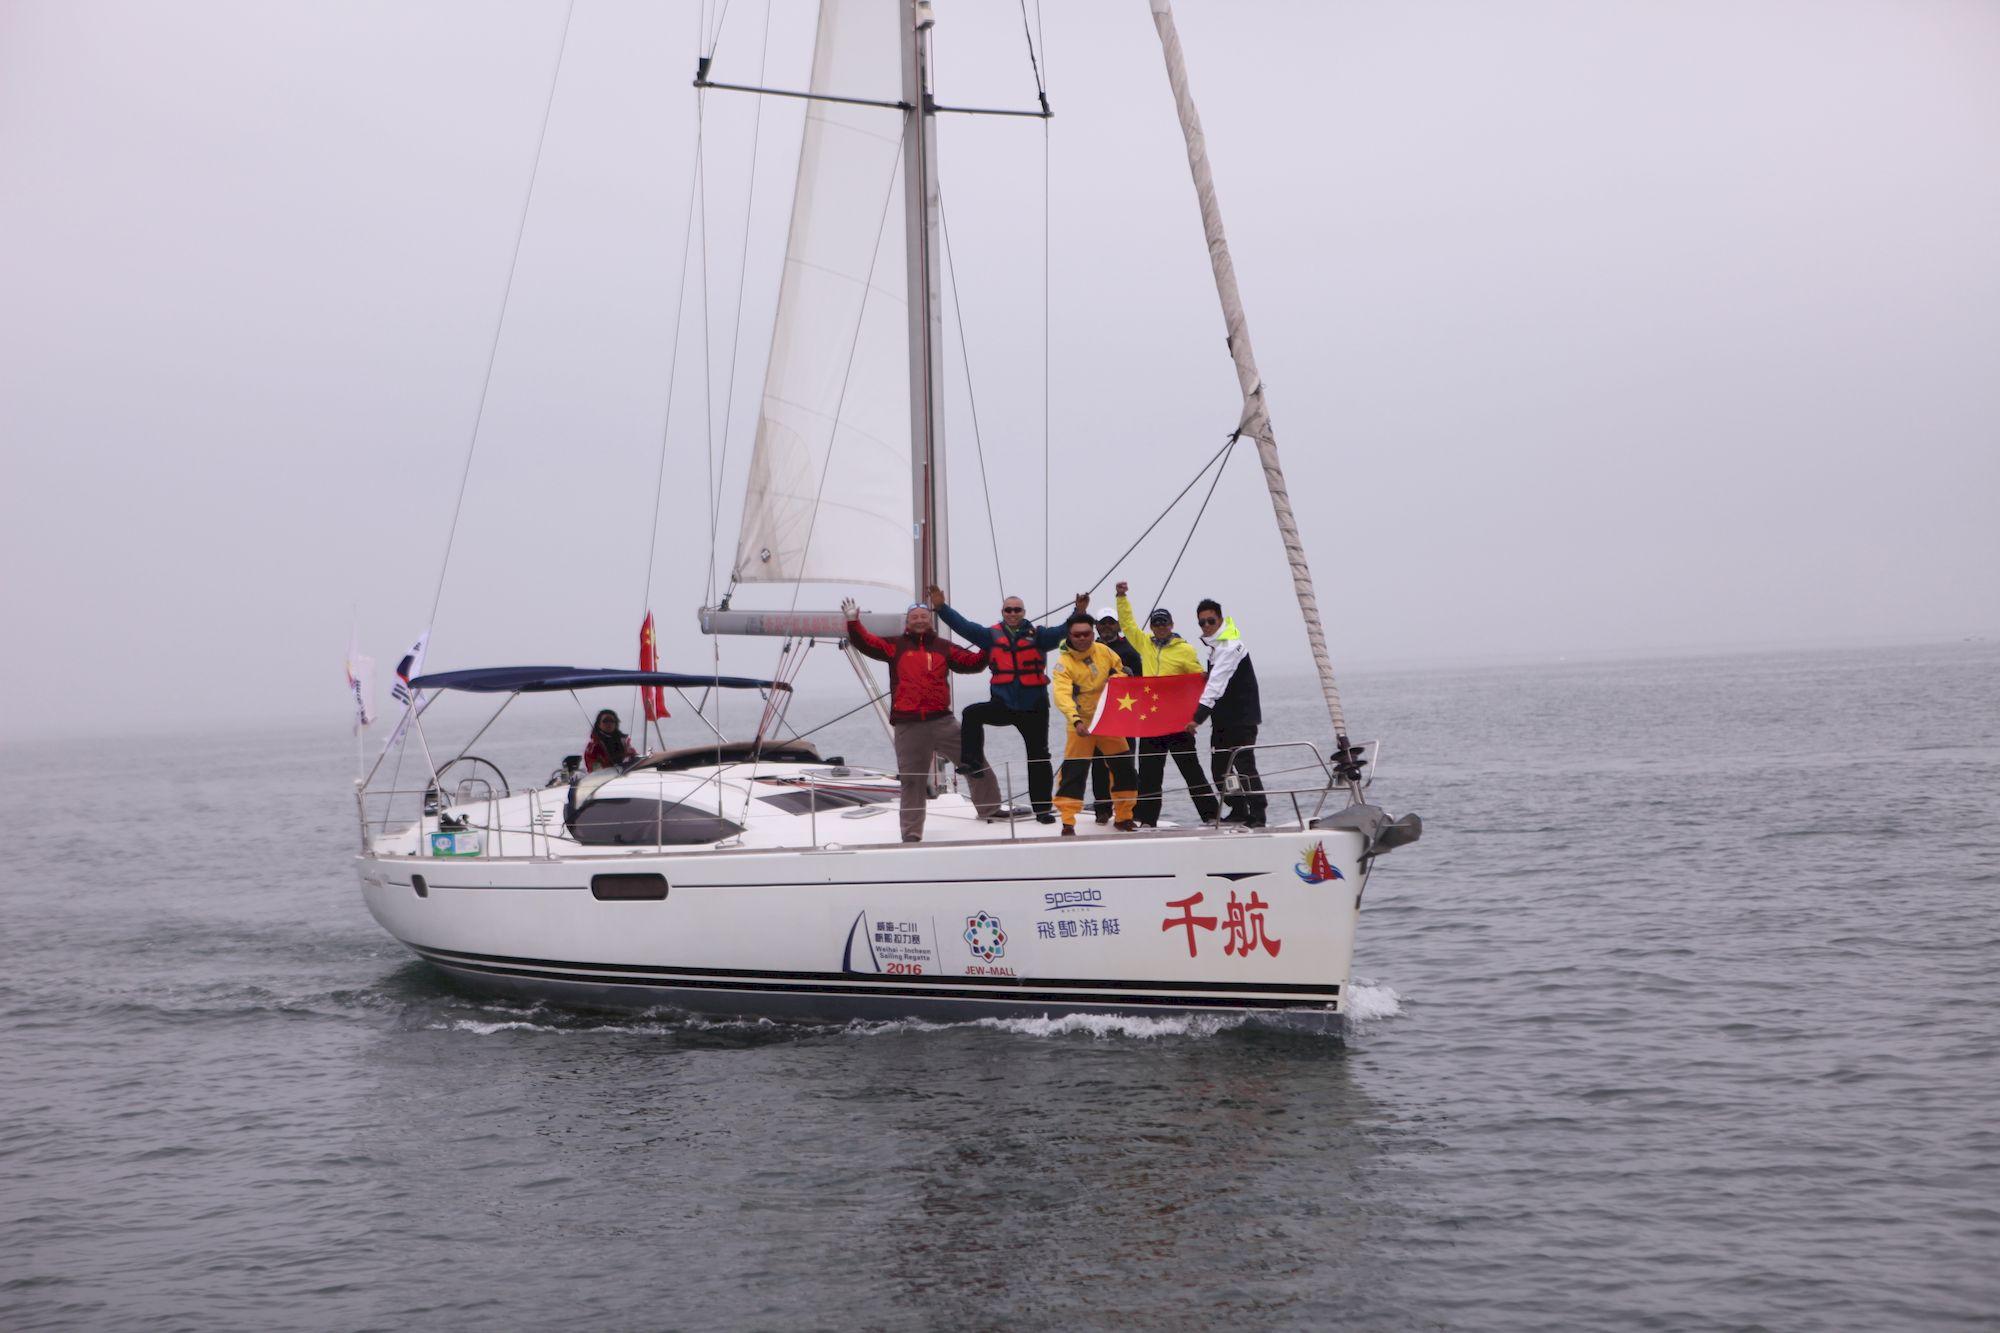 034-IMG_4767_千帆俱乐部我要航海网帆船队-2016威海-仁川国际帆船赛.jpg